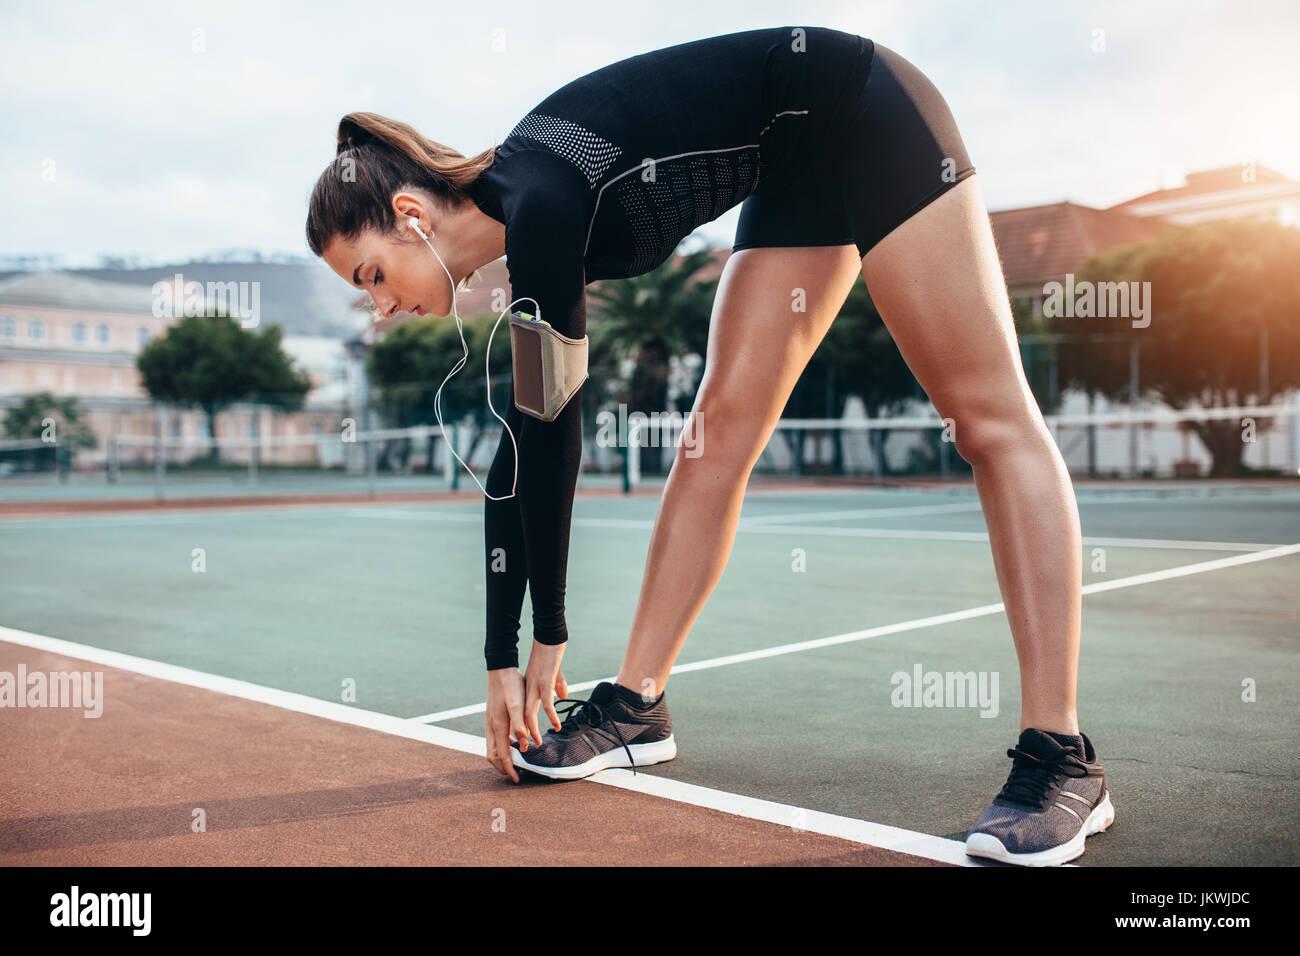 Bellissima fanciulla facendo stretching allenamento all'aperto. Sportive facendo esercizio di riscaldamento Immagini Stock